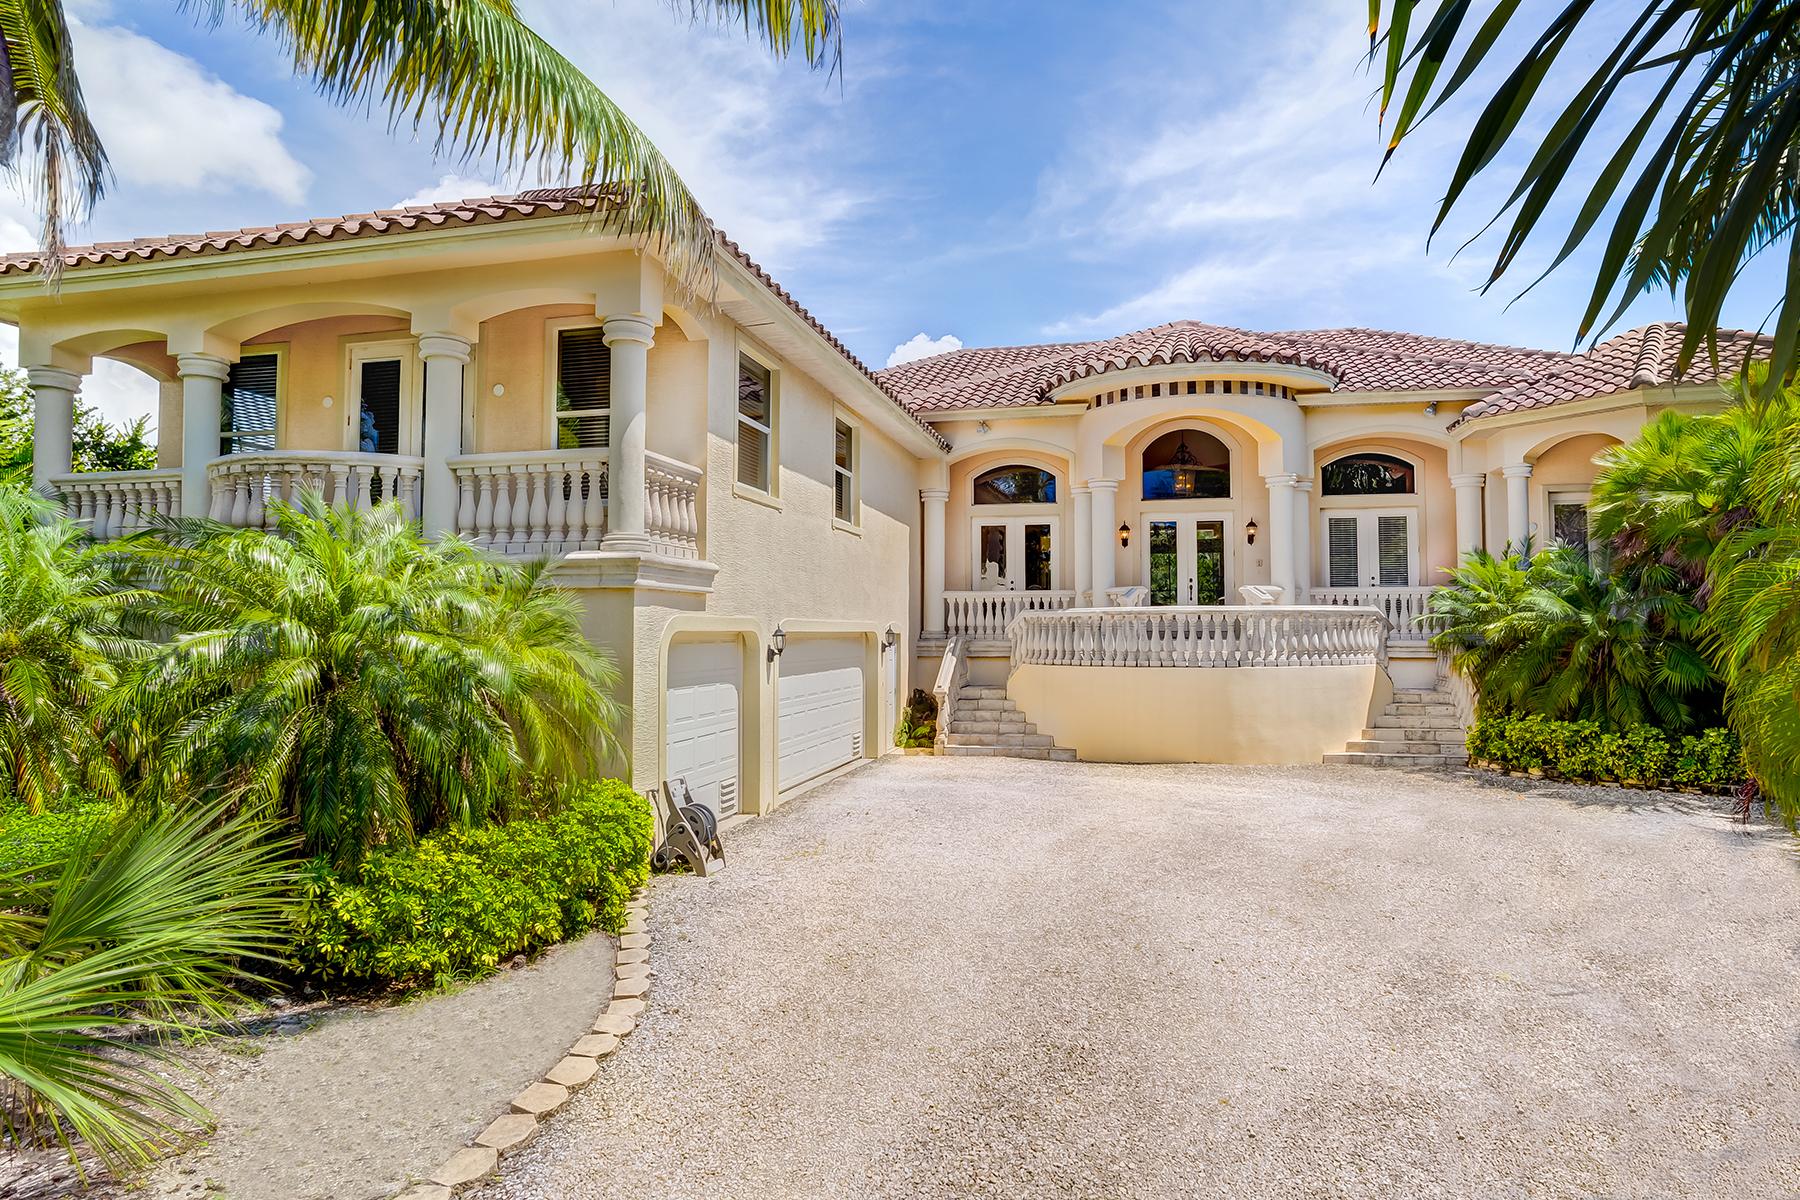 Частный односемейный дом для того Продажа на SANIBEL 2118 Starfish Ln Sanibel, Флорида, 33957 Соединенные Штаты